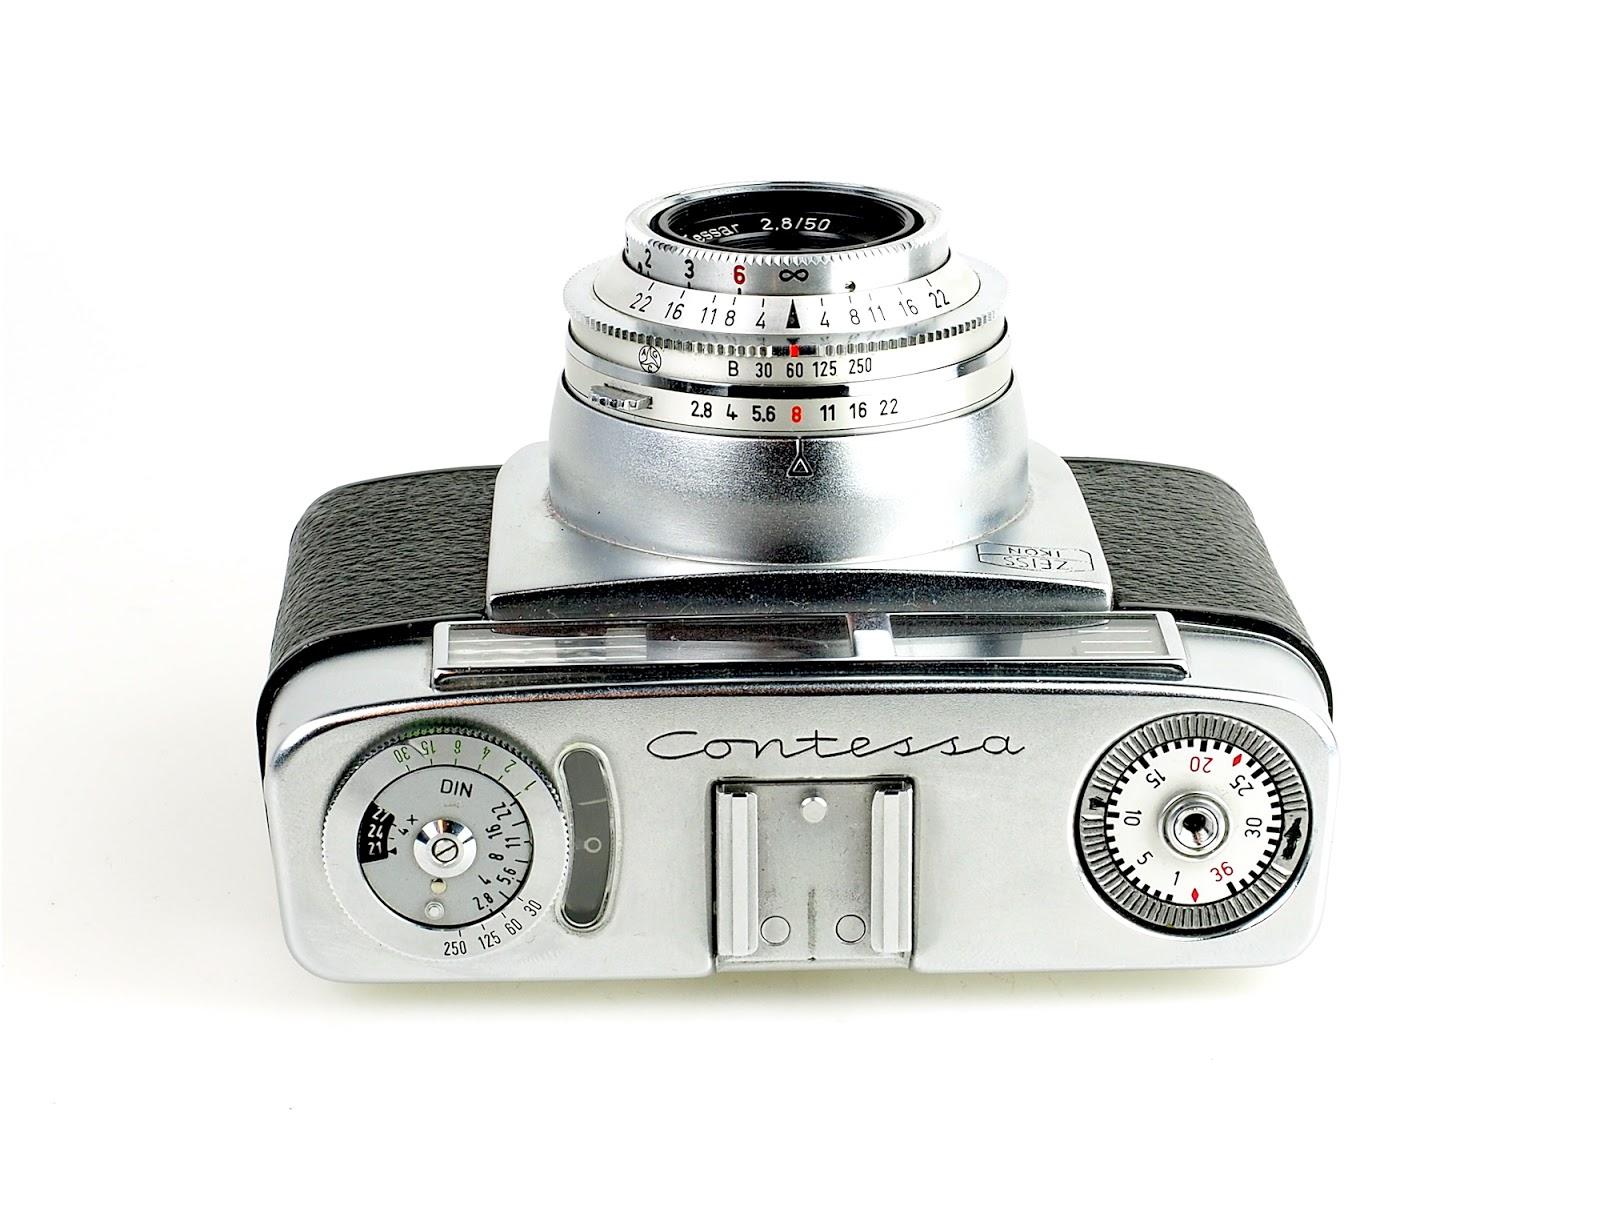 Liefern Prix Belichtungsmesser Bakelit Lightmeter Defekt Eine GroßE Auswahl An Waren Belichtungsmesser Fotostudio-zubehör